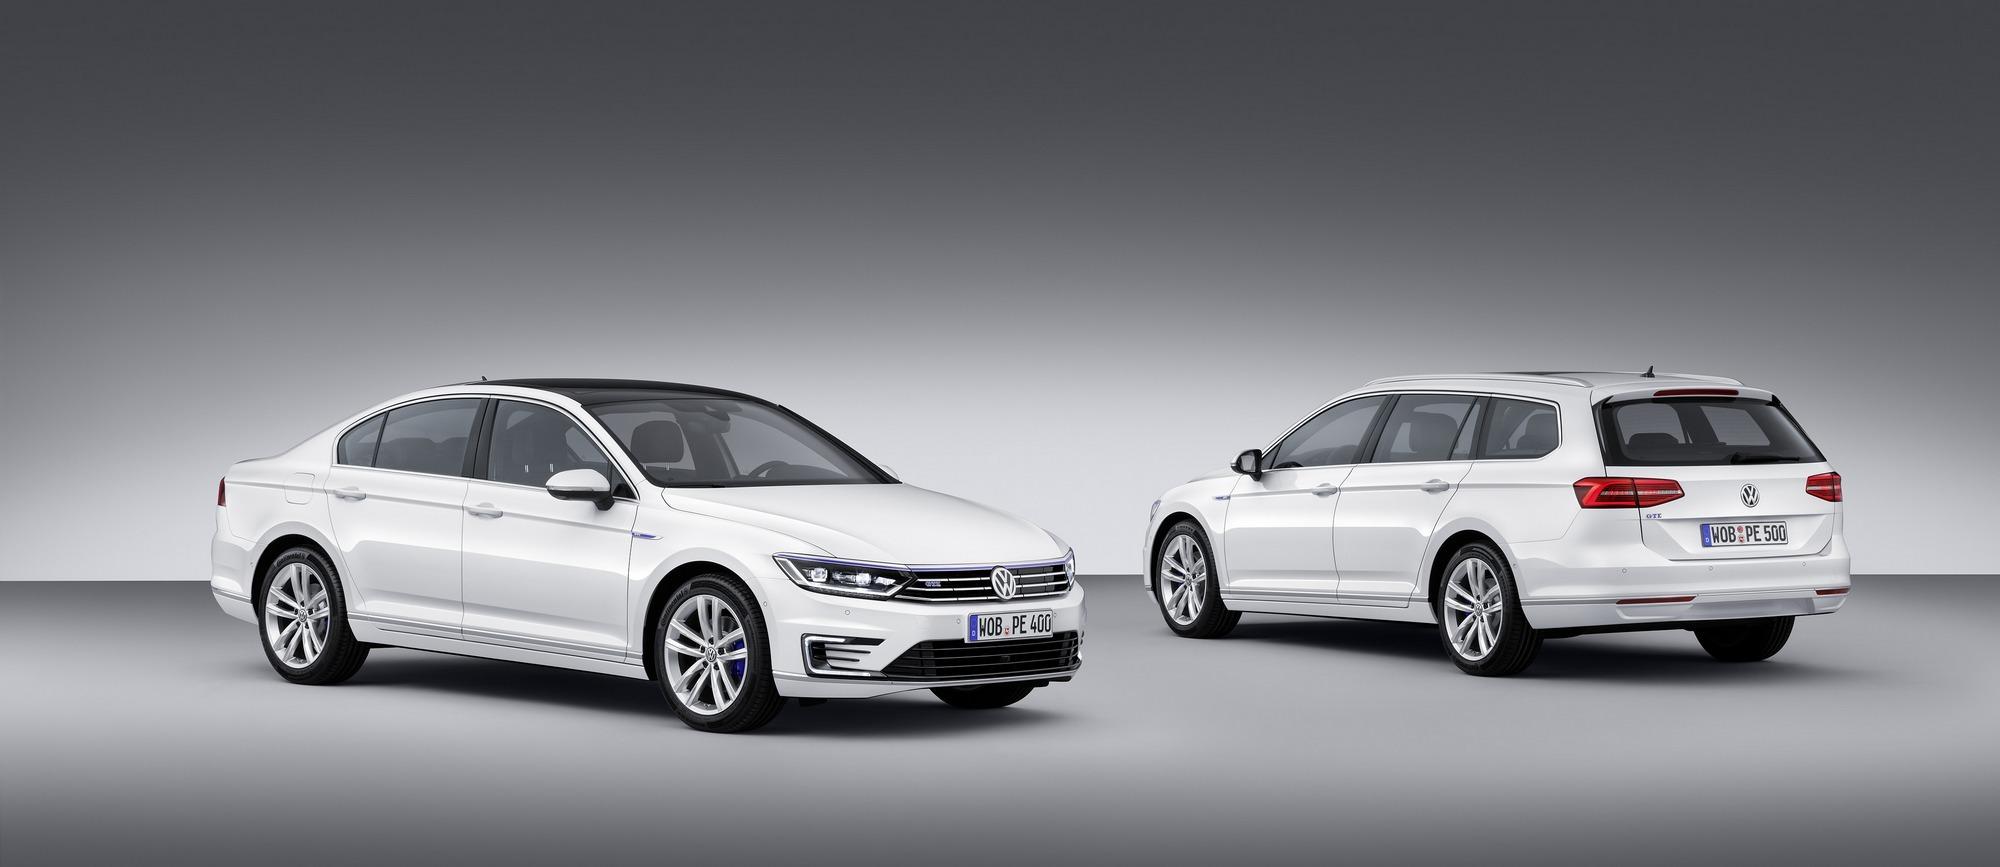 Foto de Volkswagen Passat GTE (6/9)